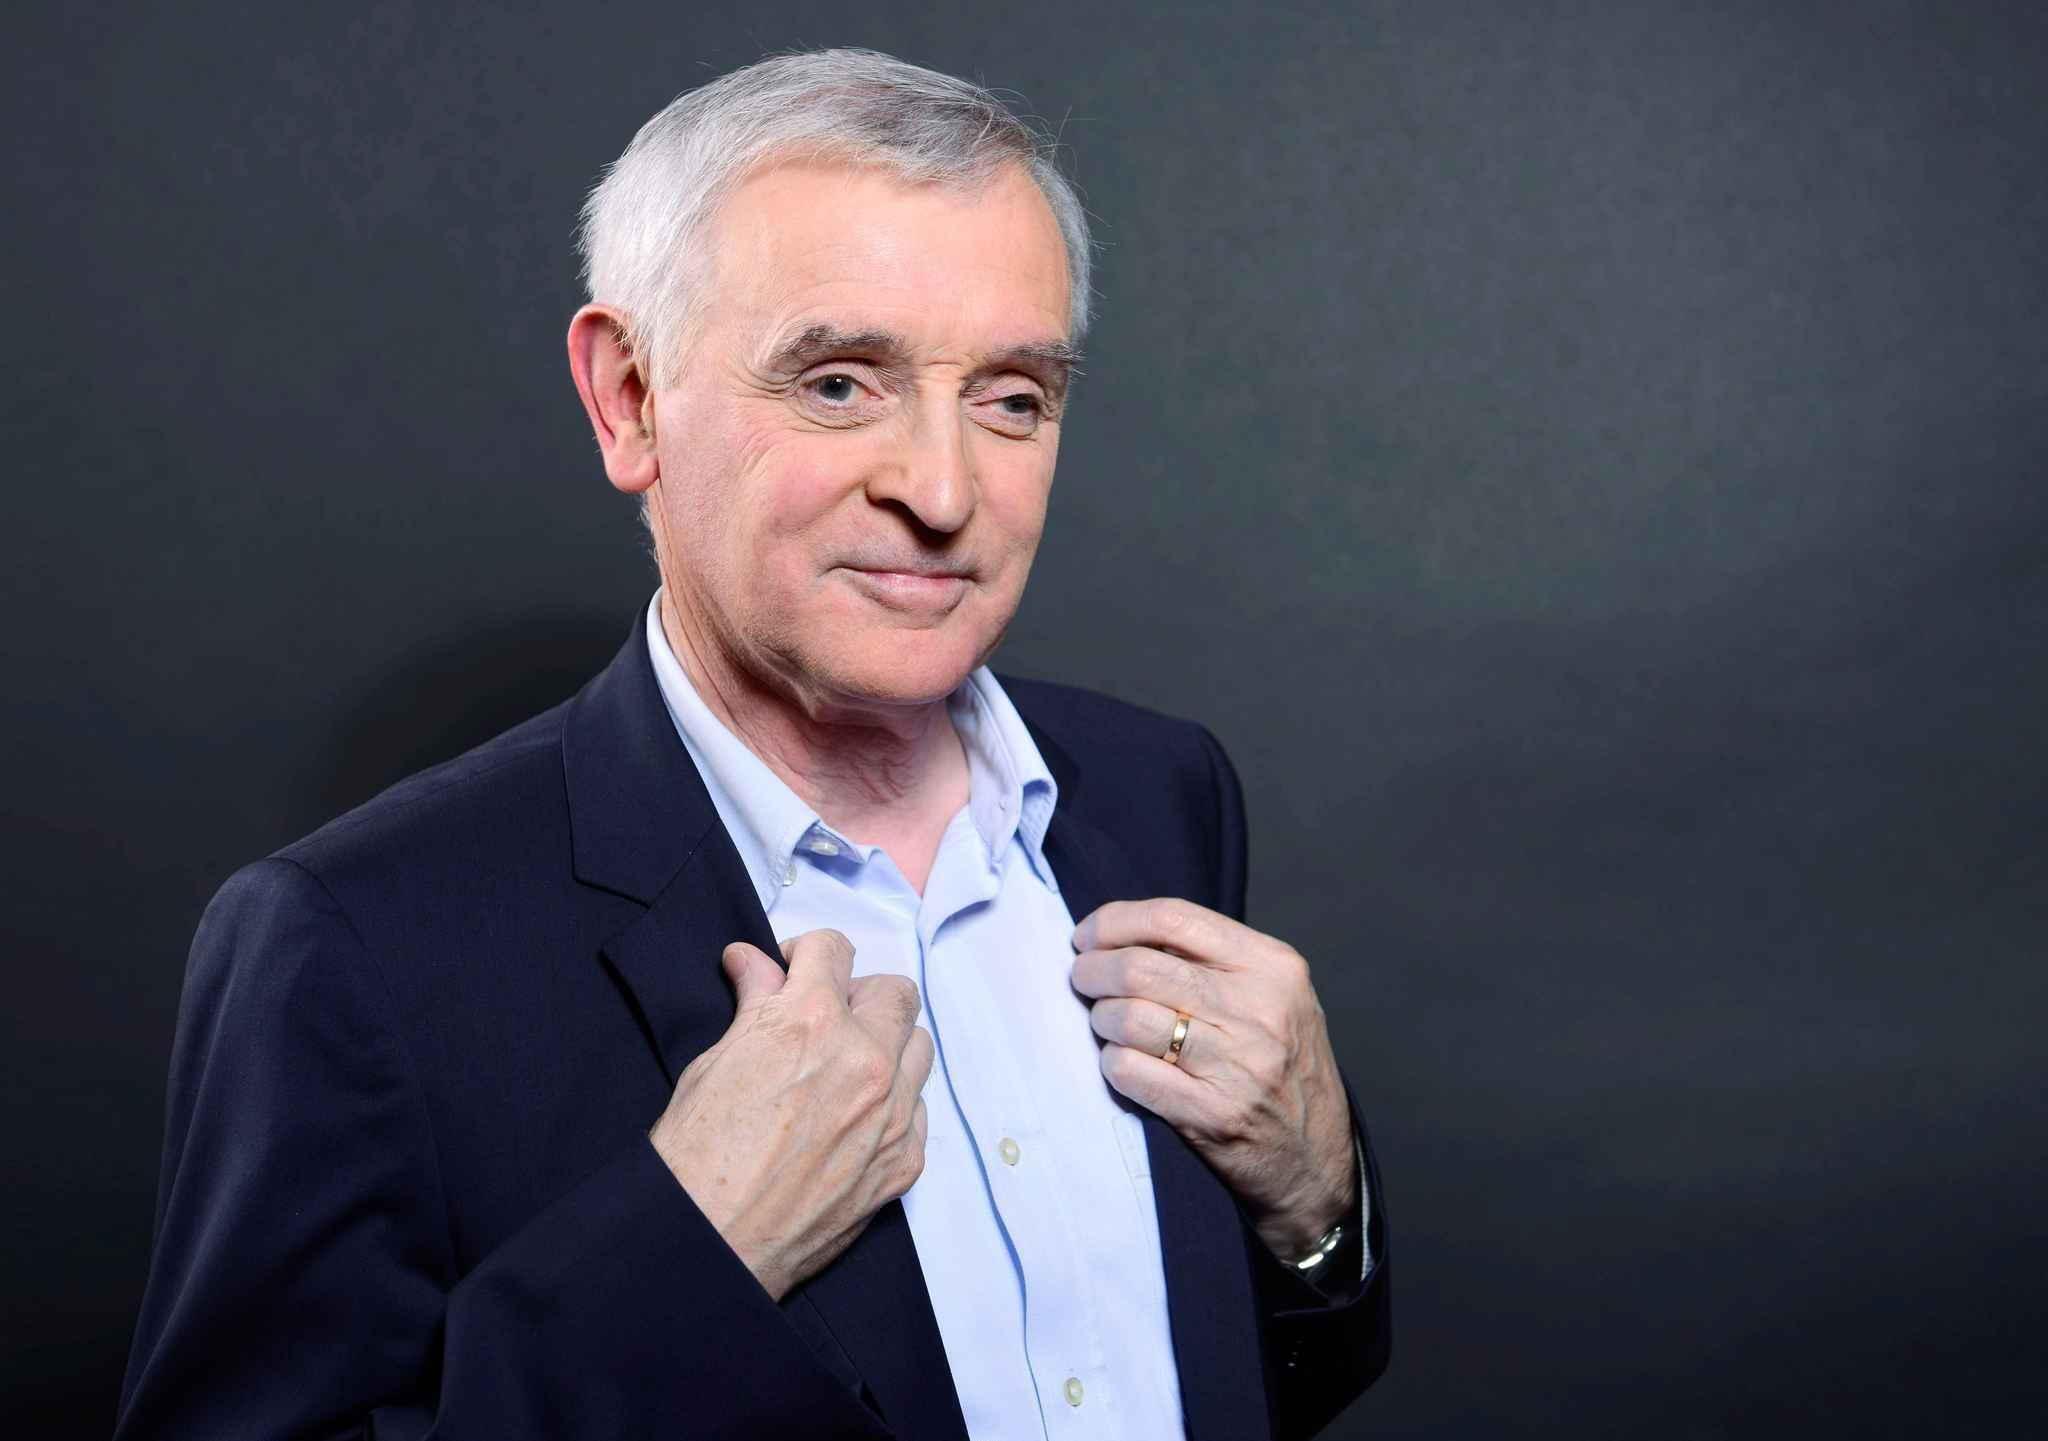 聯合國政府間氣候變化專家小組副主席,2007年諾貝爾和平獎得主朱澤爾(Jean Jouzel)。